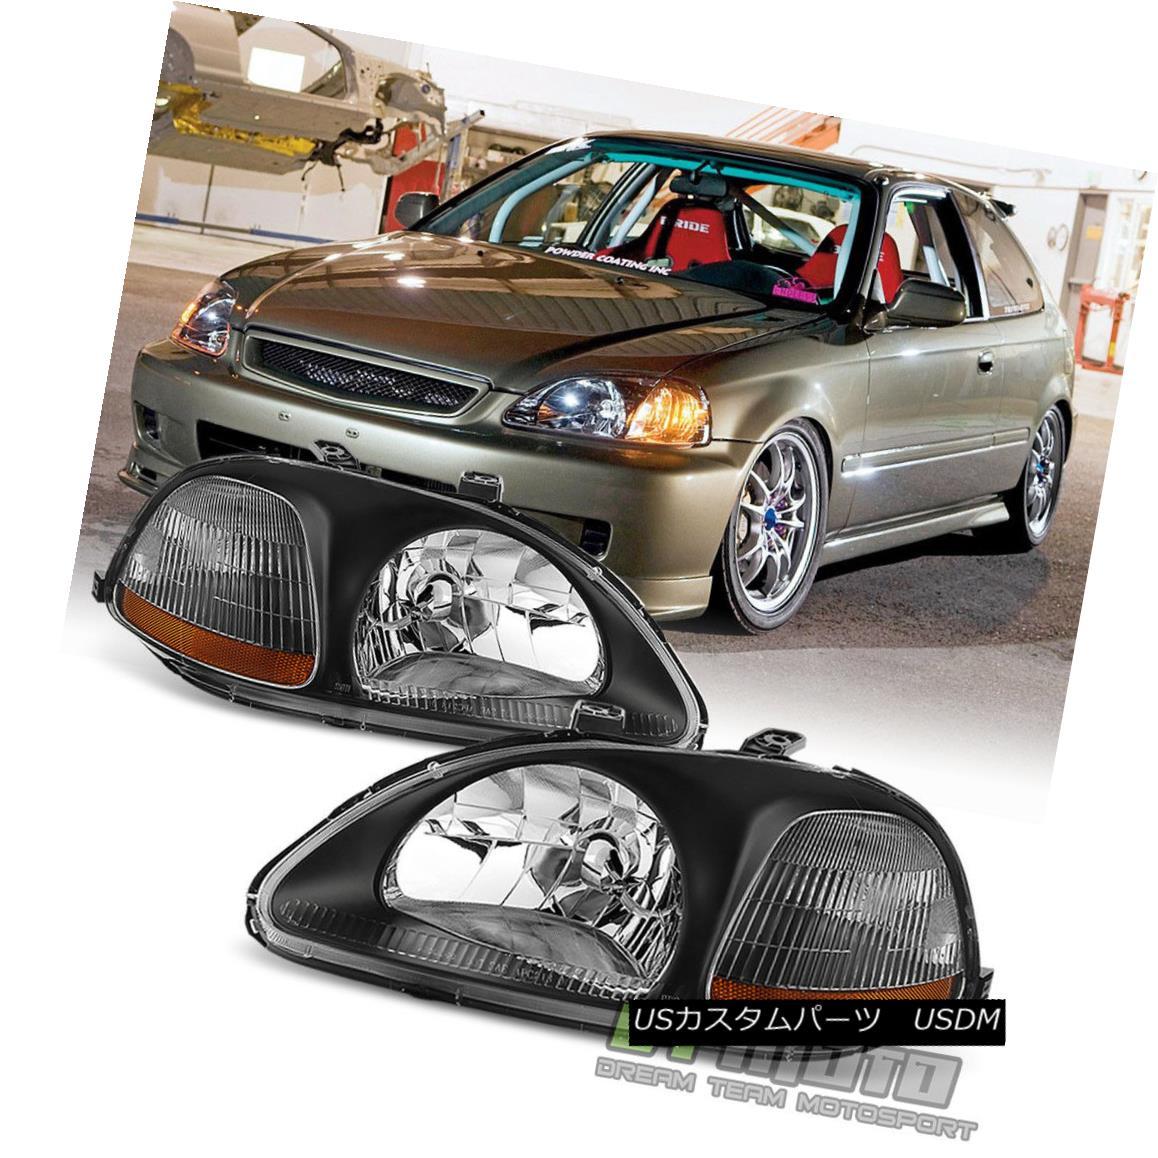 ヘッドライト For Black 96-98 Honda Civic DX EX LX Headlights Headlamps Replacement Left+Right ブラック96-98用ホンダシビックDX EX LXヘッドライトヘッドライト交換左+右